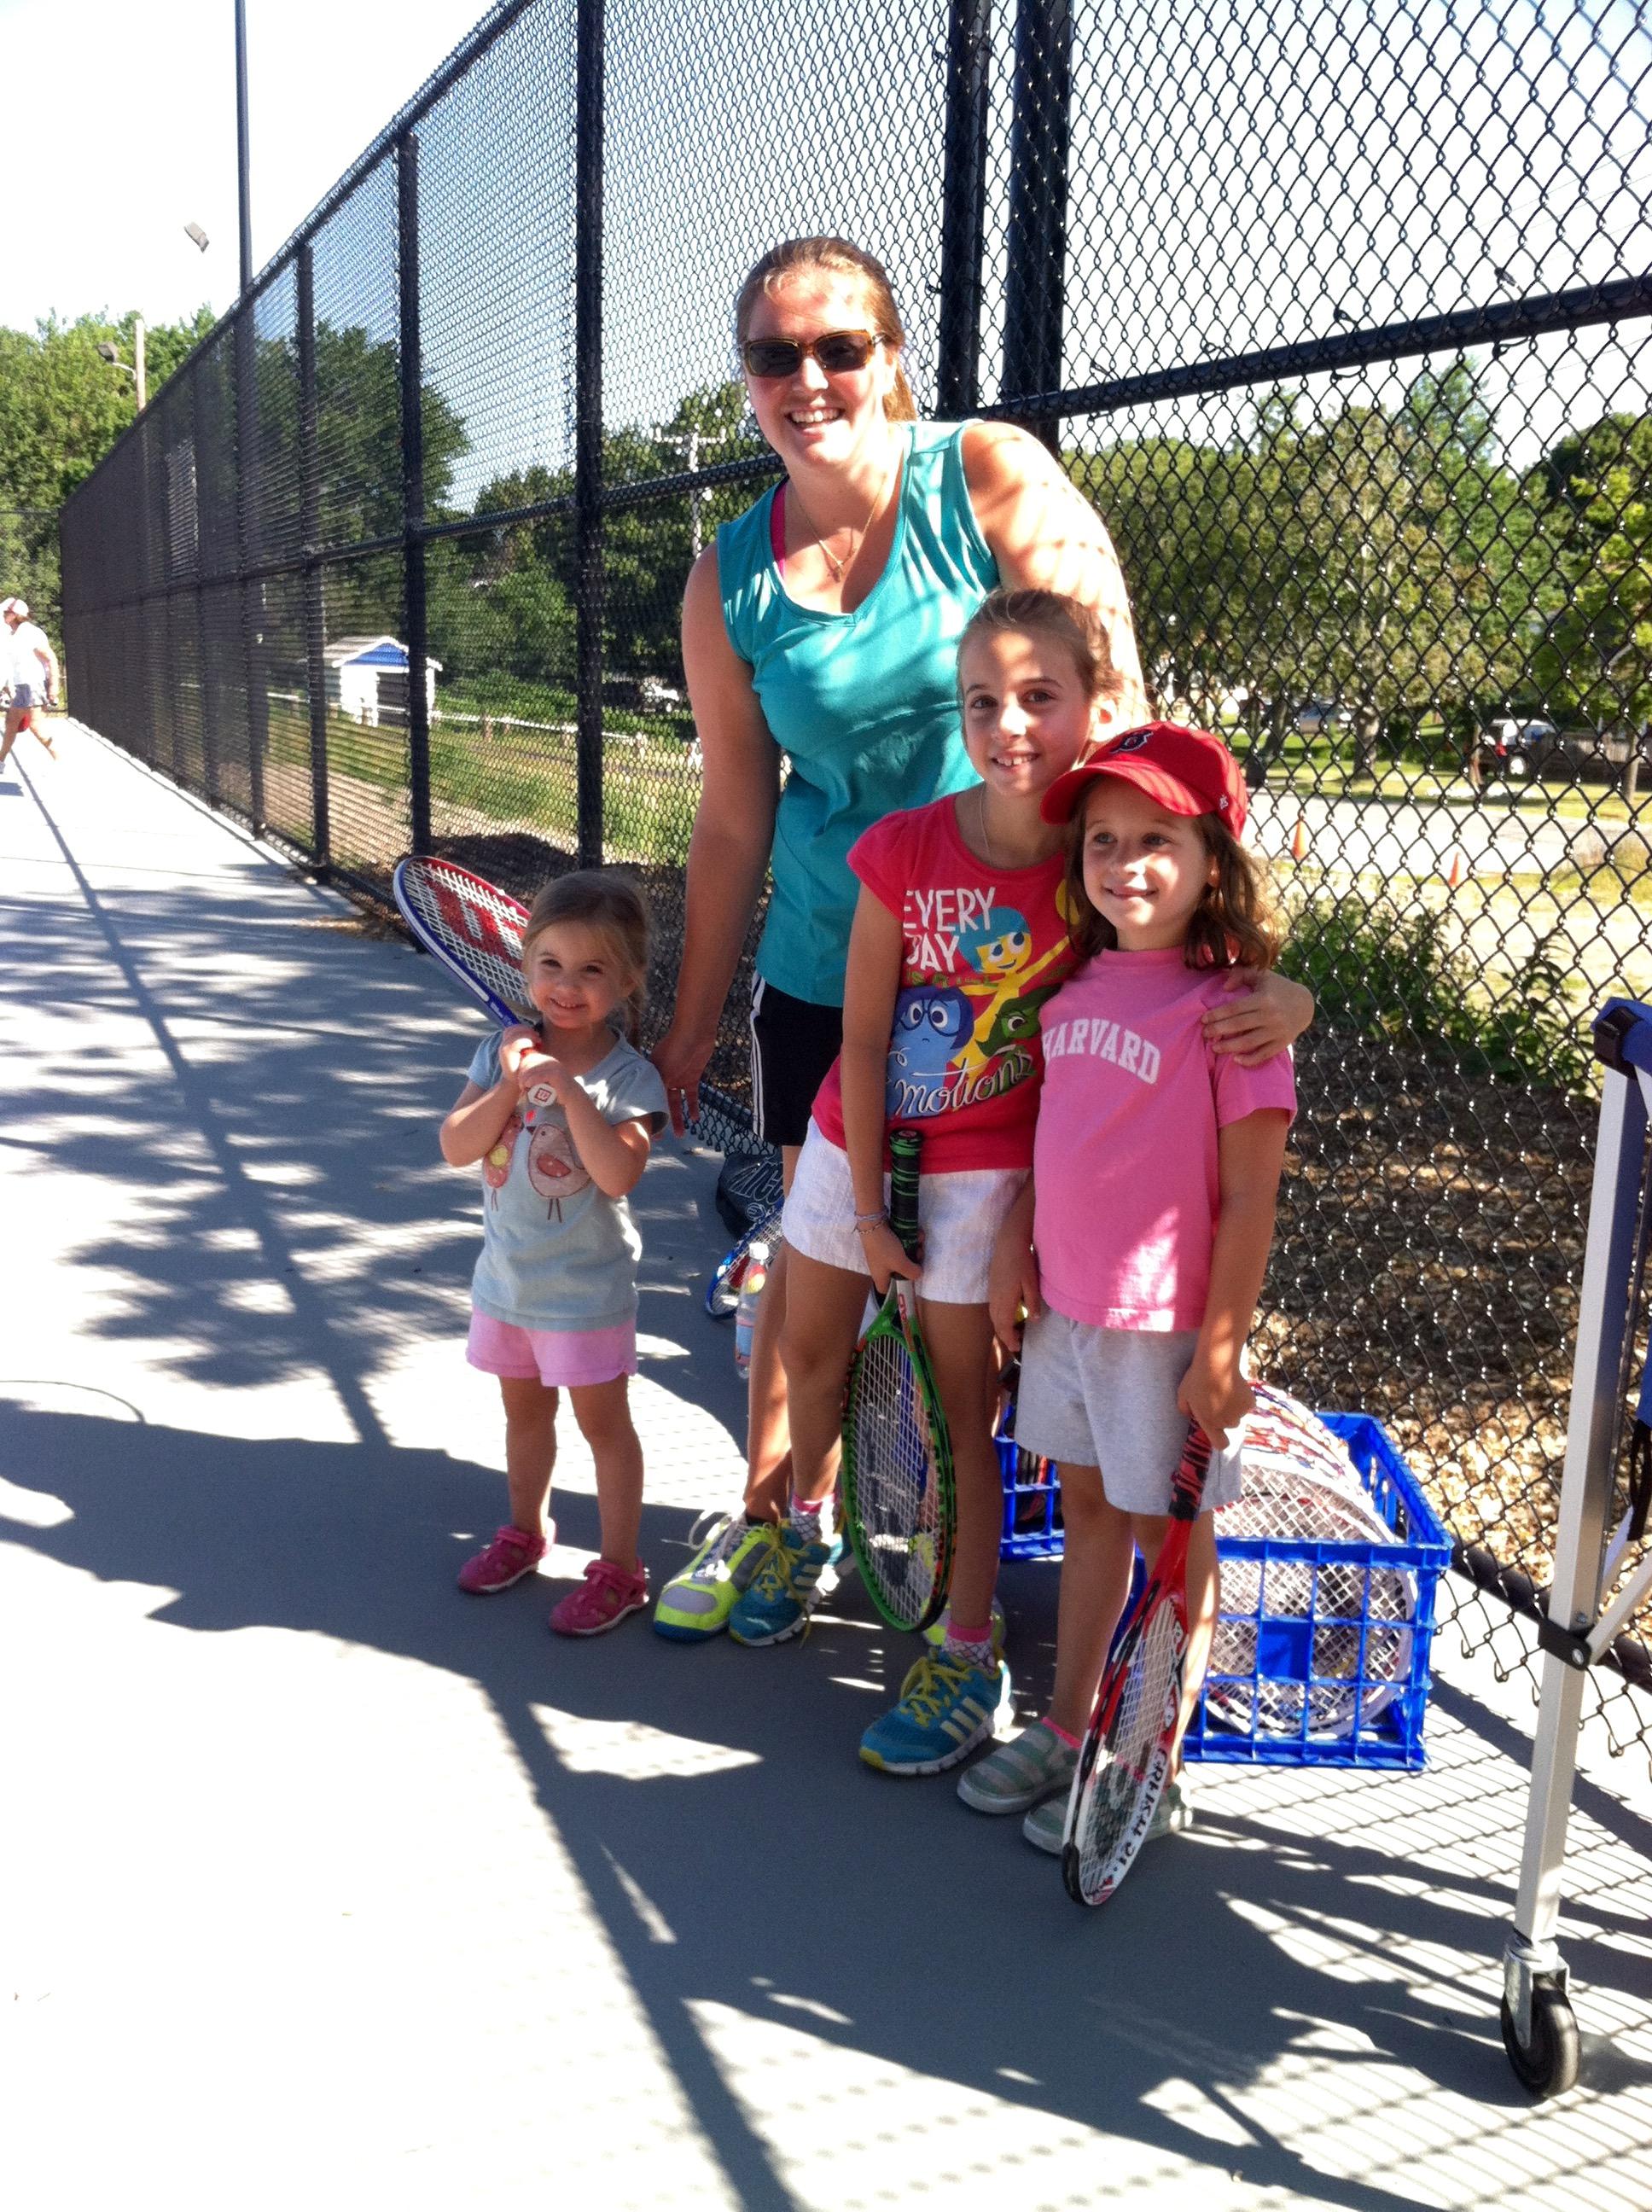 Jessica, Ryan, Sarah, & Erin enjoying tennis lessons at Peter Igo Park